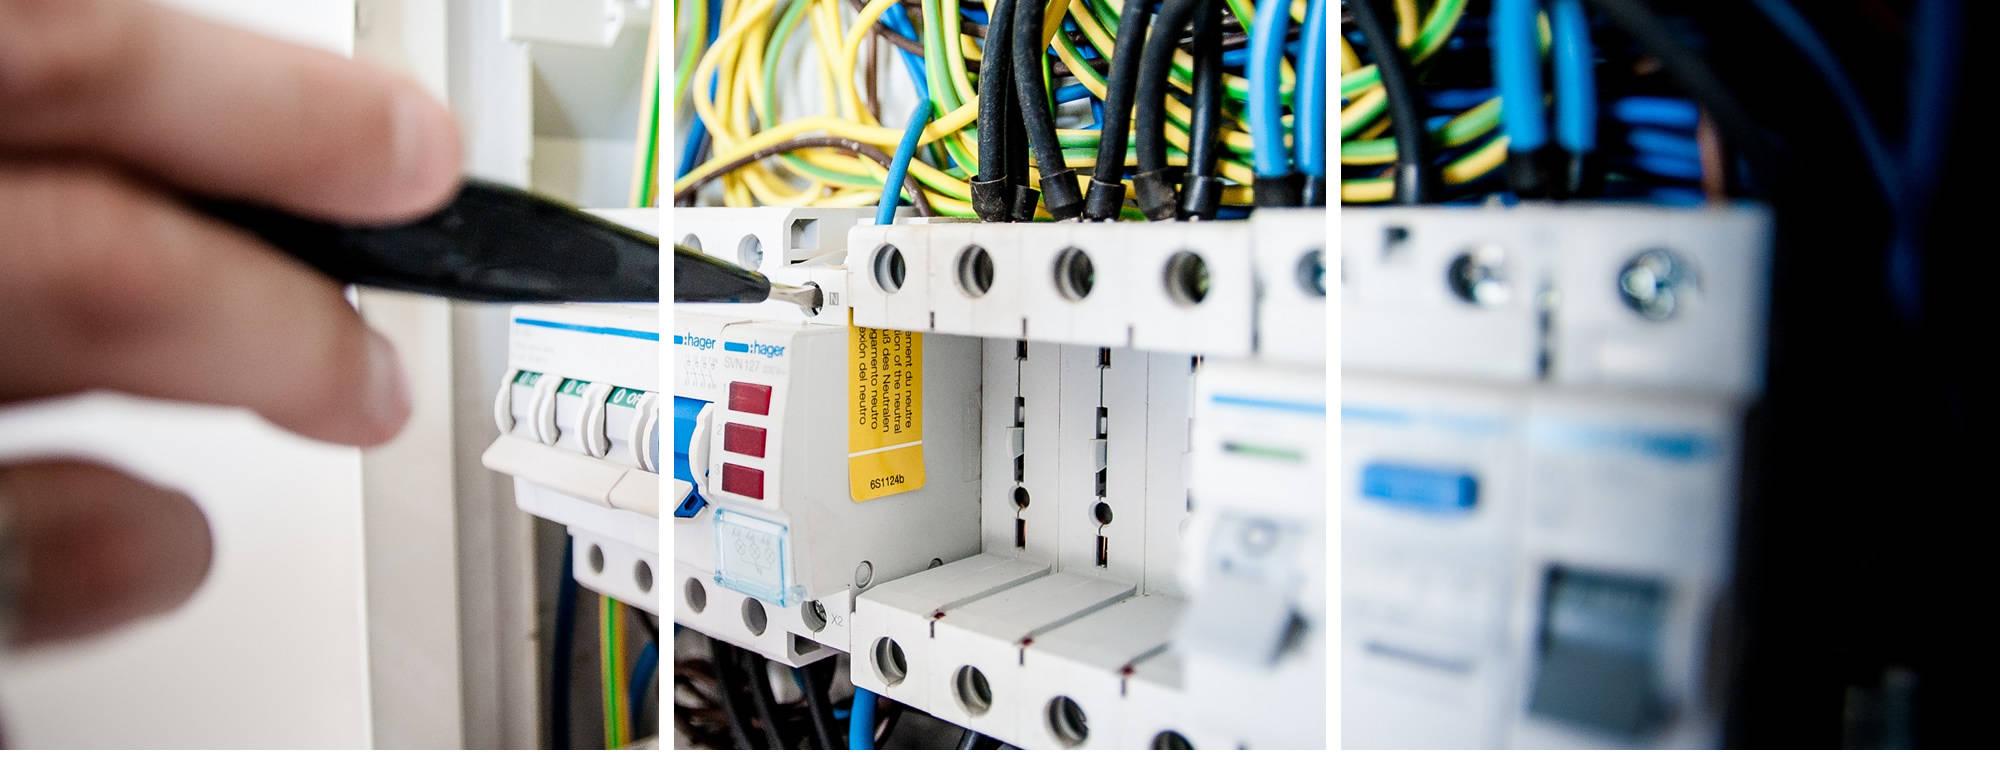 Servicio técnico y mantenimiento de instalaciones eléctricas, sustitución de luminarias, cuadros eléctricos y reparación de instalaciones eléctricas